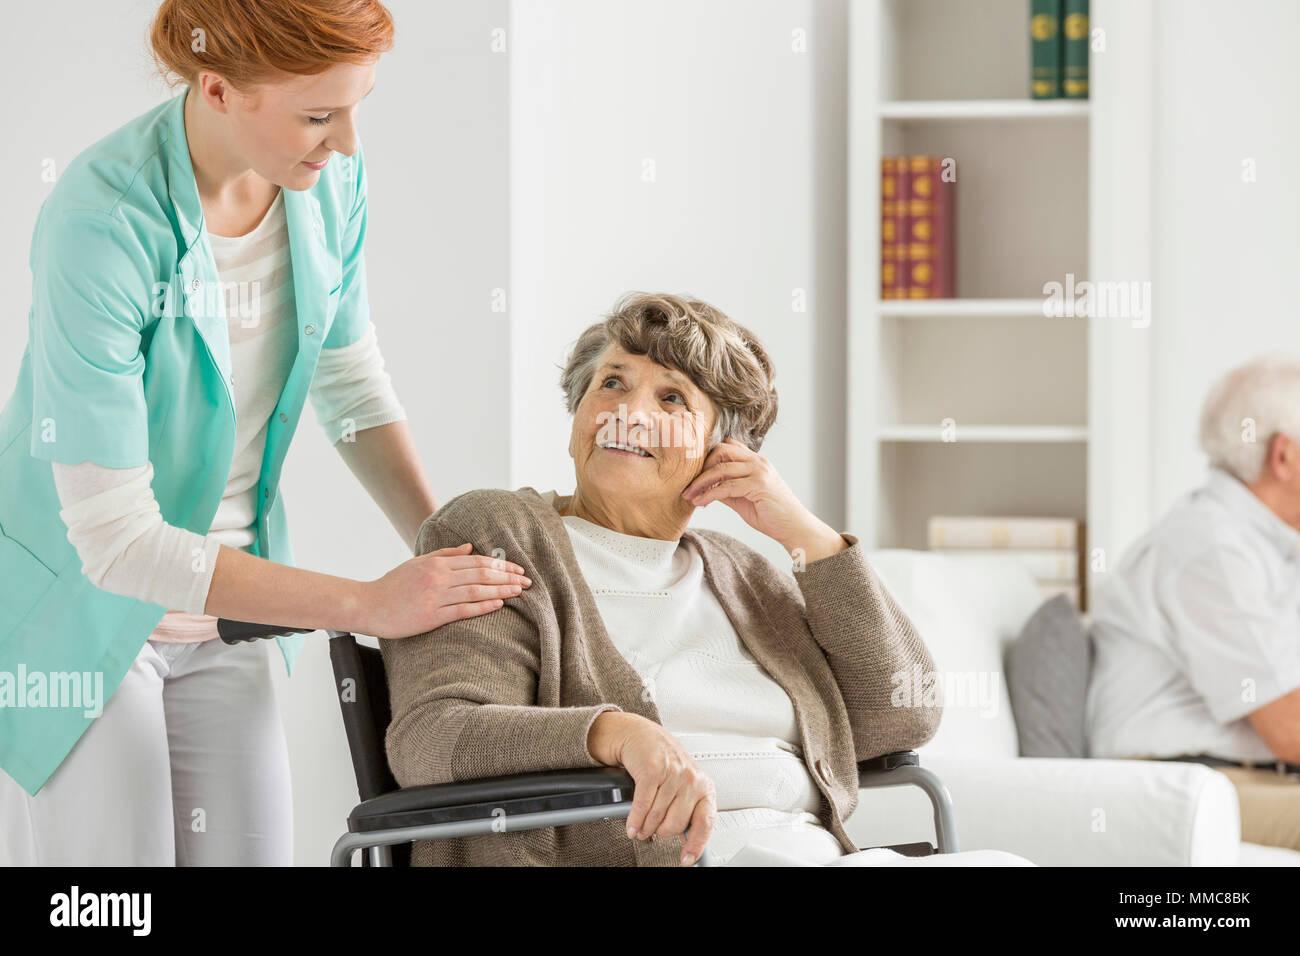 Mujer en silla de ruedas mirando su joven enfermera Imagen De Stock